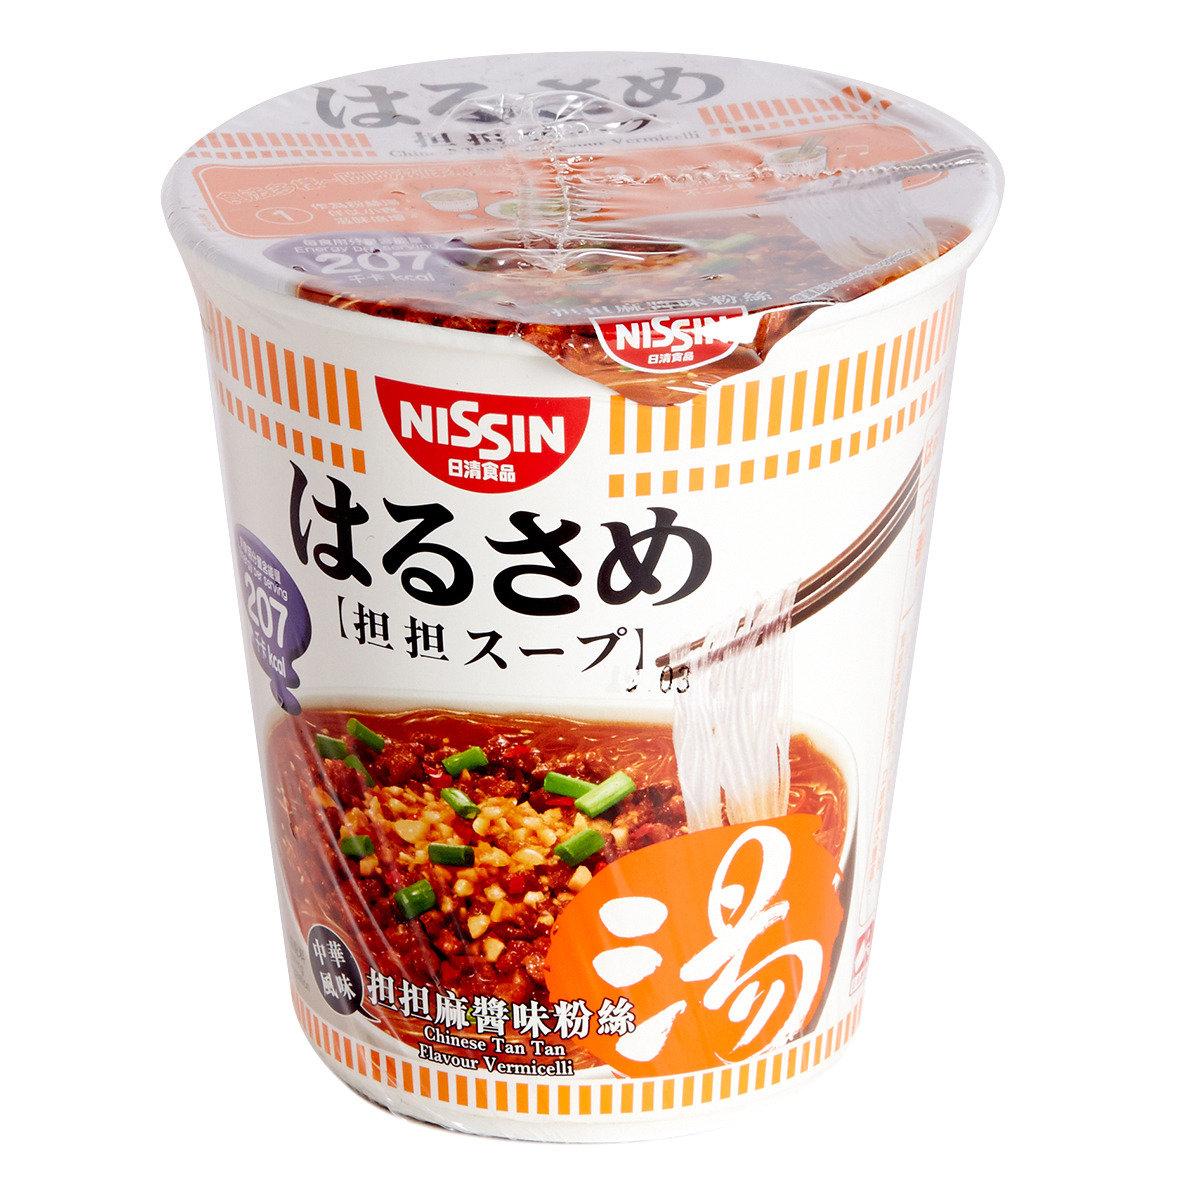 春雨粉絲 - 中華風味担担麻醬味